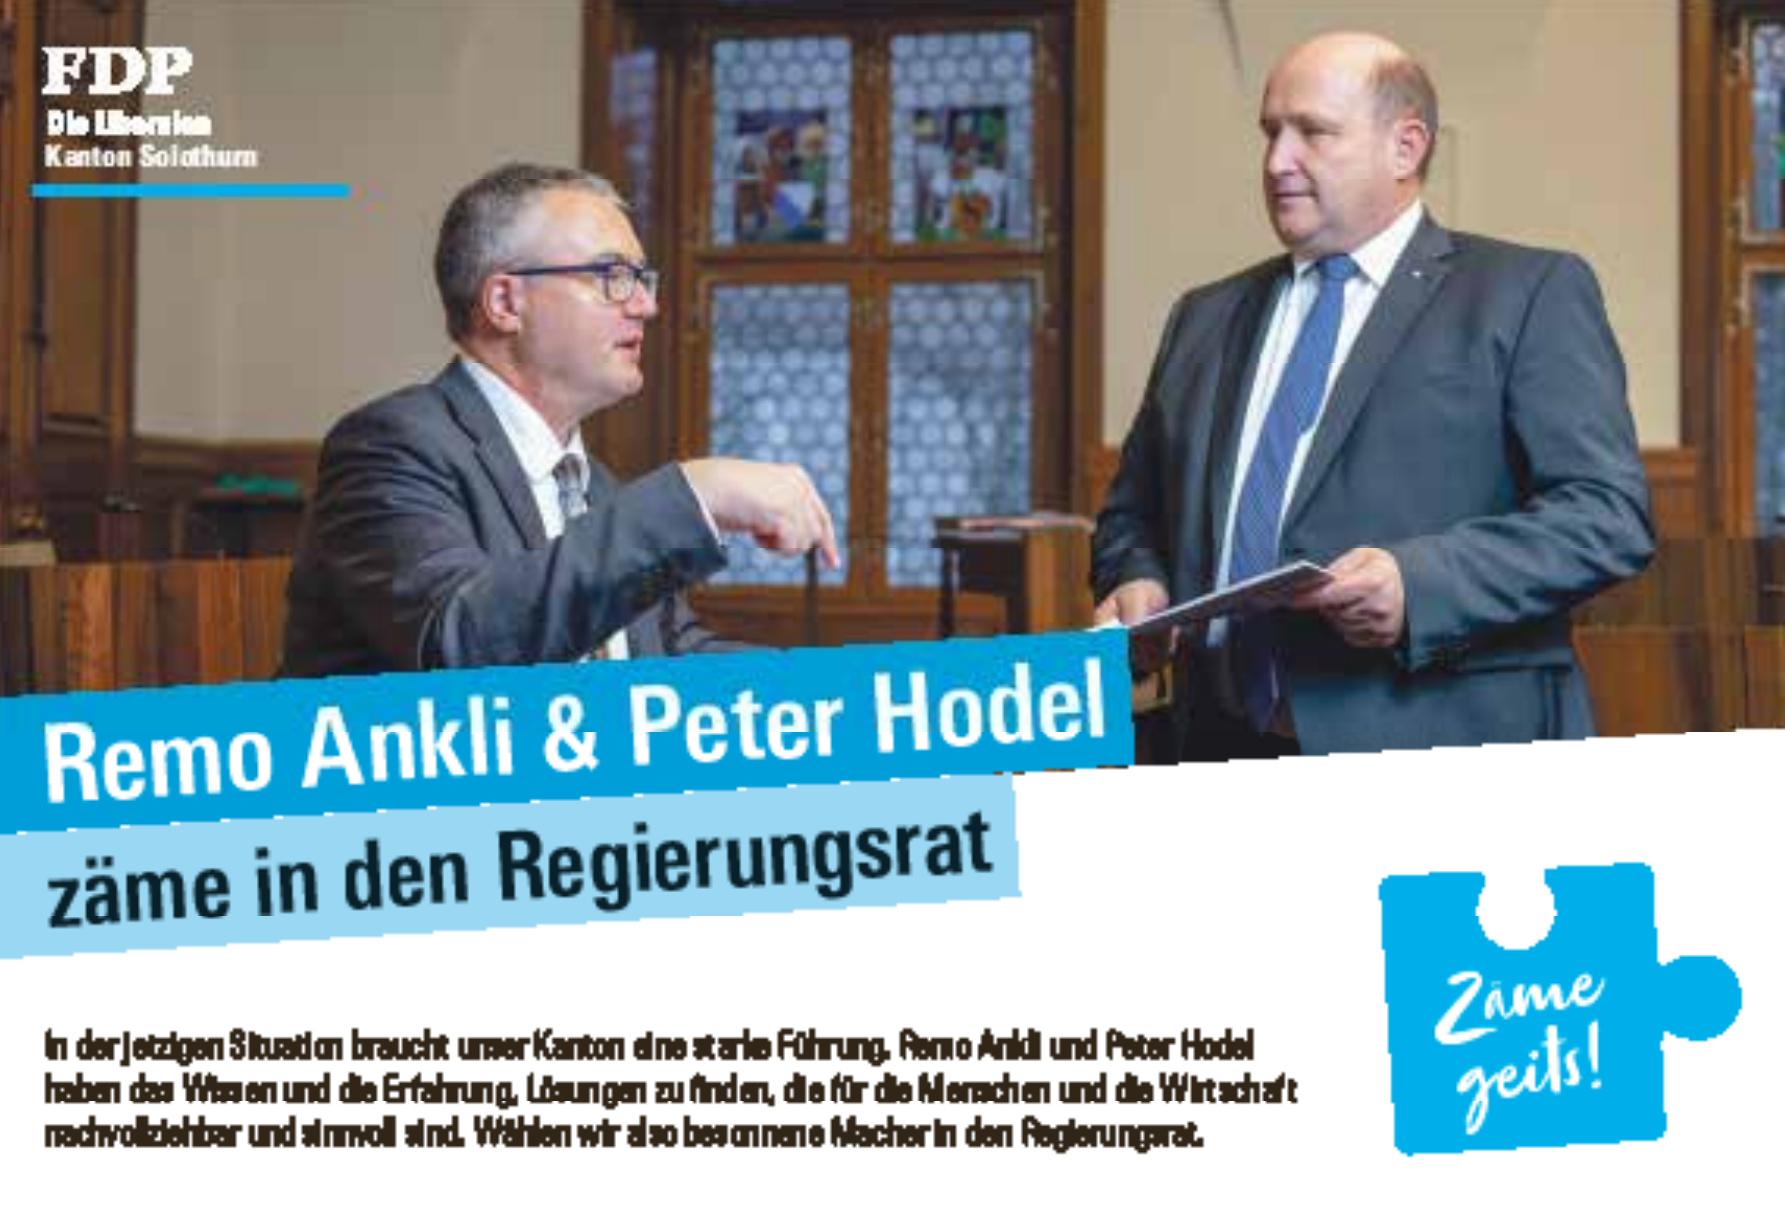 FDP - Remo Ankli & Peter Hodel